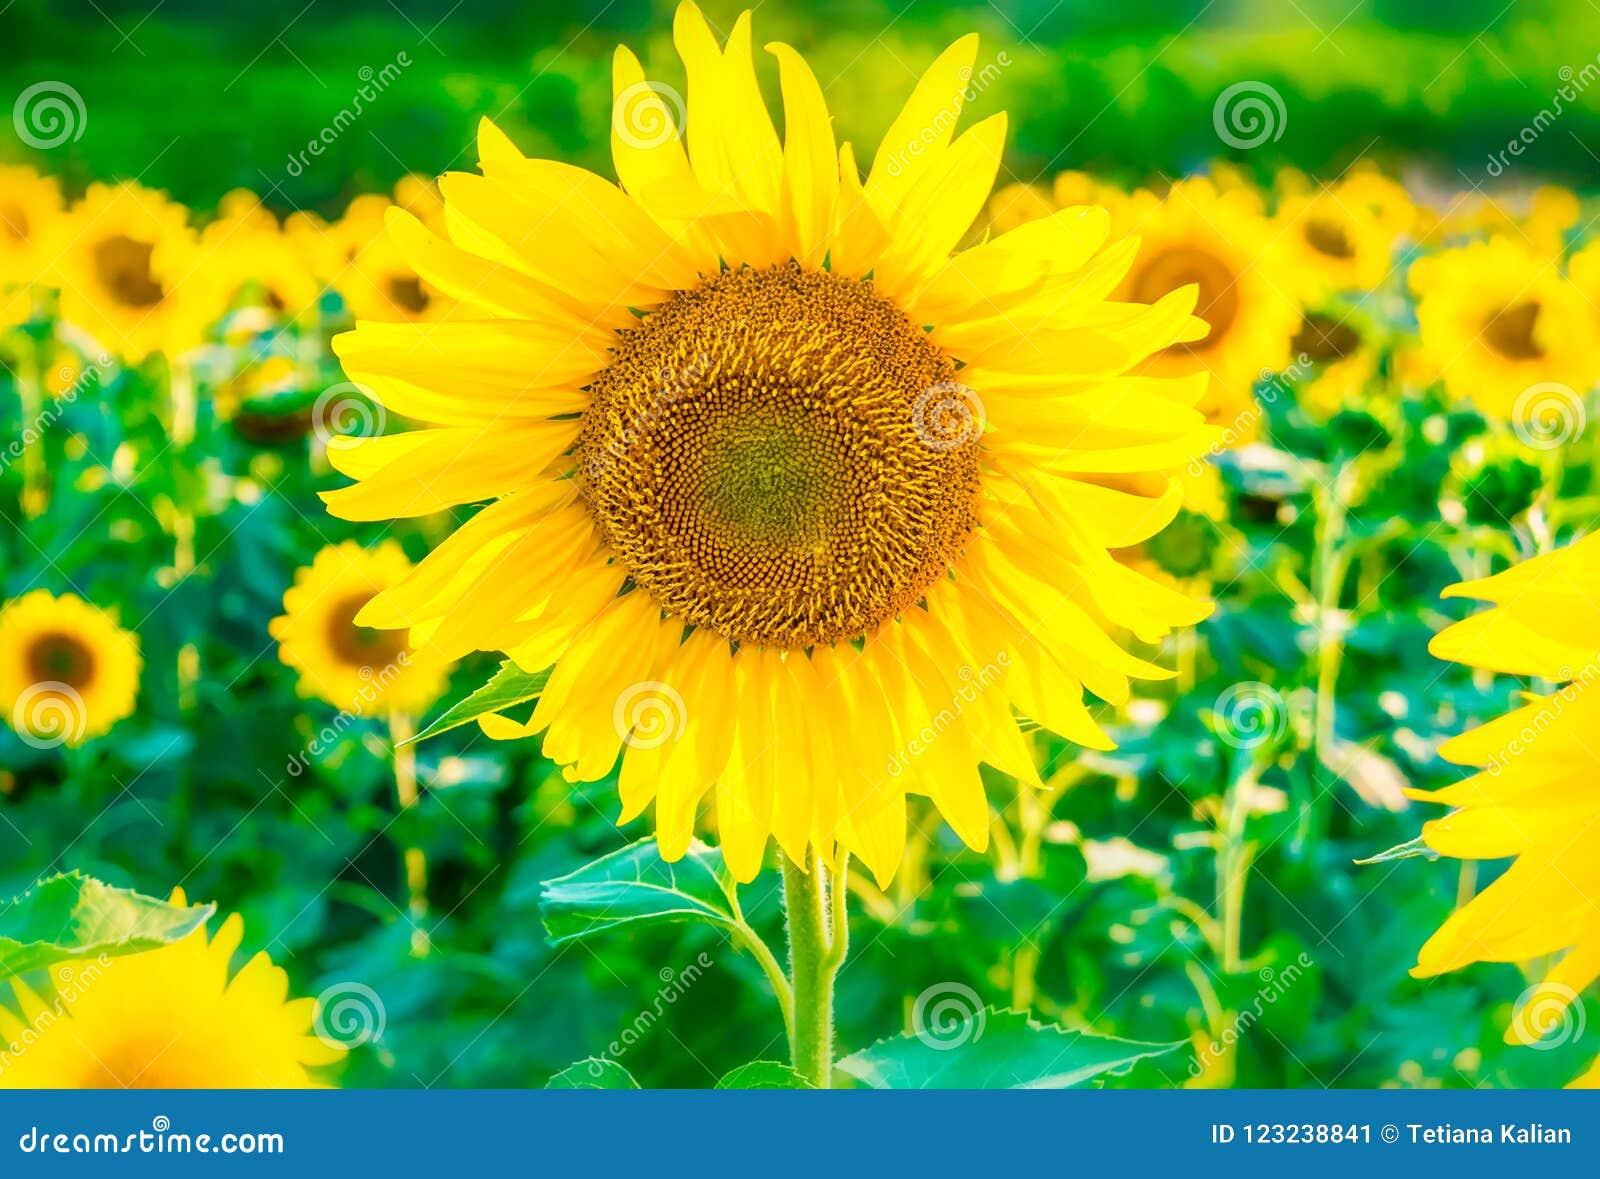 Schöner heller Sonnenblumenfeldhintergrund mit einer großen blühenden gelben Blume im Fokus